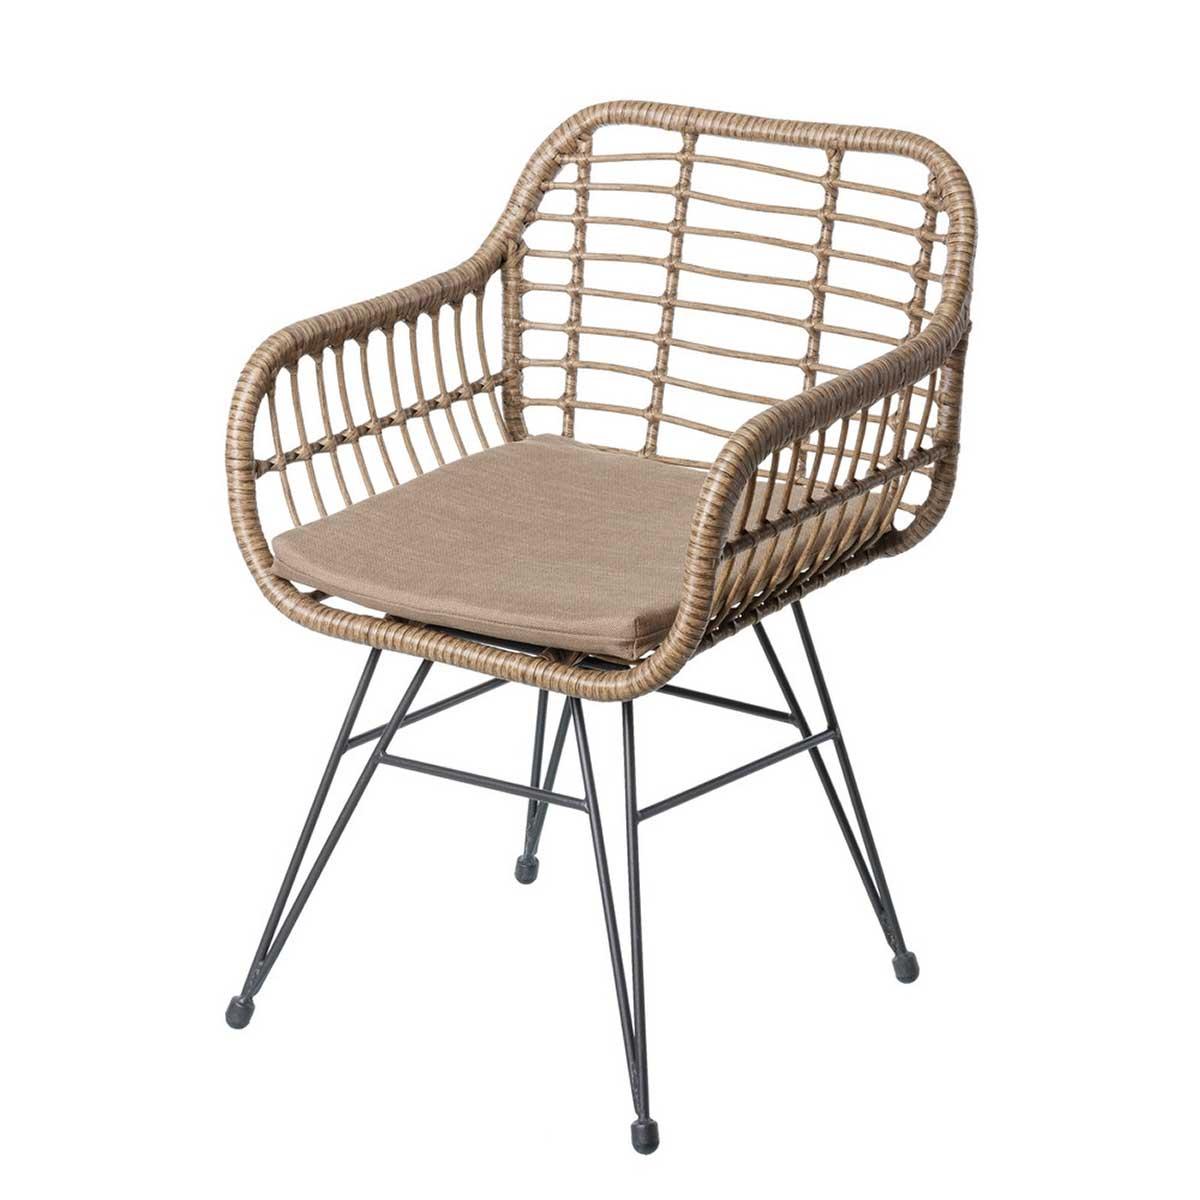 Lot de 2 chaises en acier et rotin - Naturel - 55.00 cm x 62.00 cm x 80.00 cm